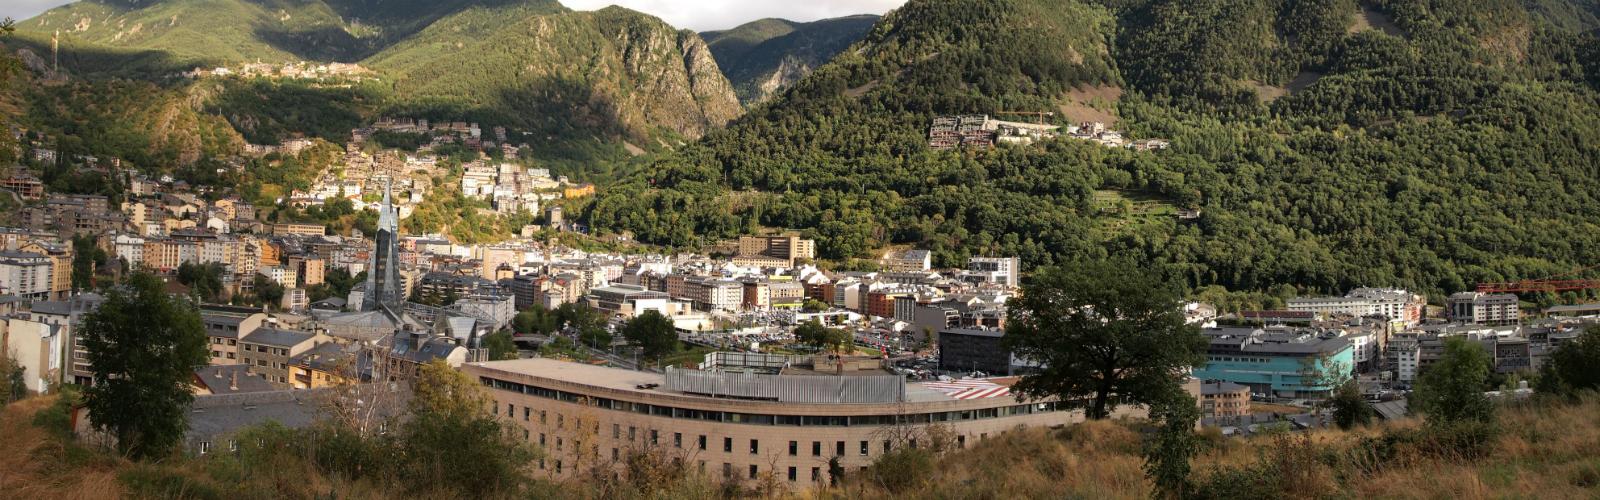 Hotels in het prachtige Andorra